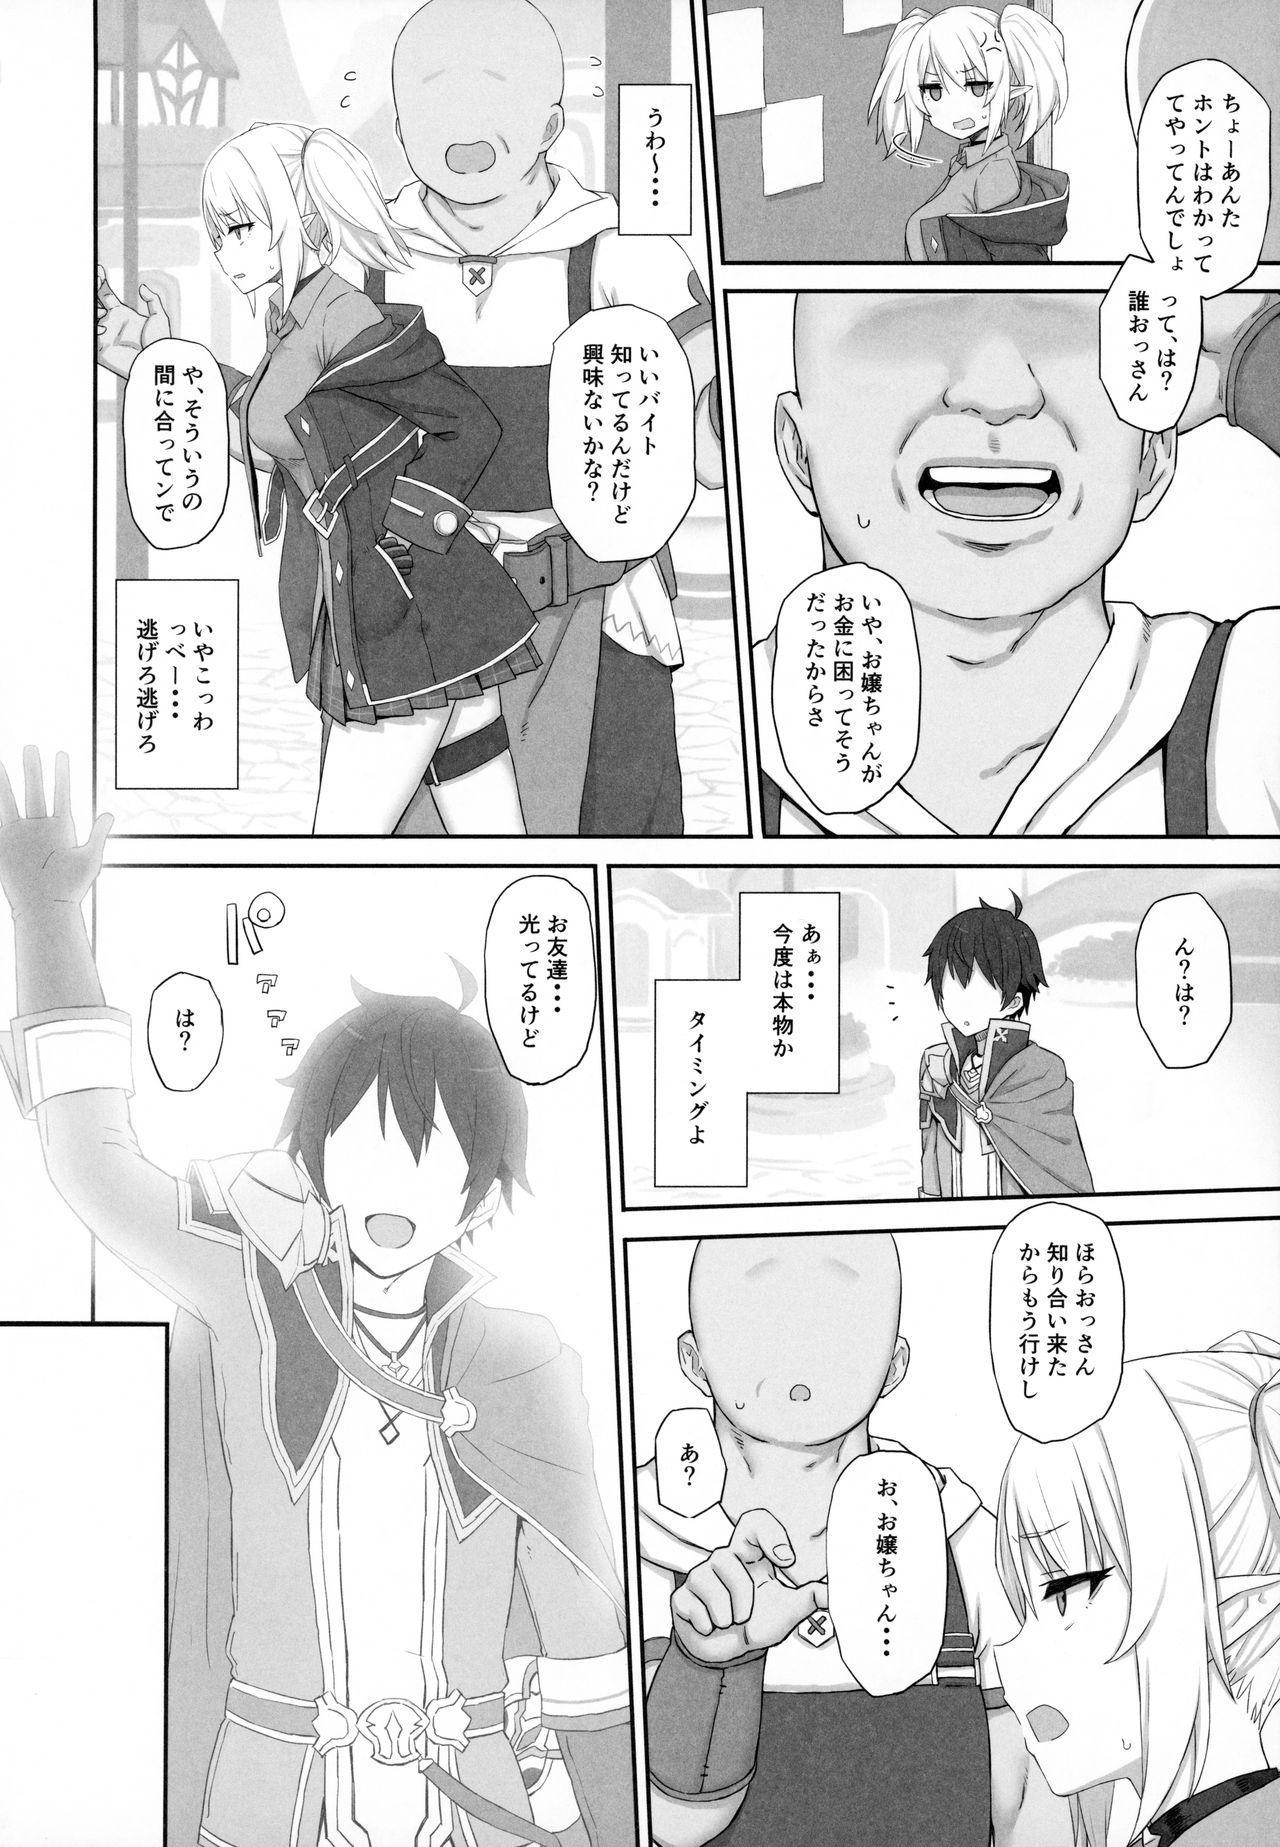 Ojou-sama Gakkou ni Kayou Binbou Shoujo wa Touzen no You ni Papakatsu ni Kiketsu Suru 2